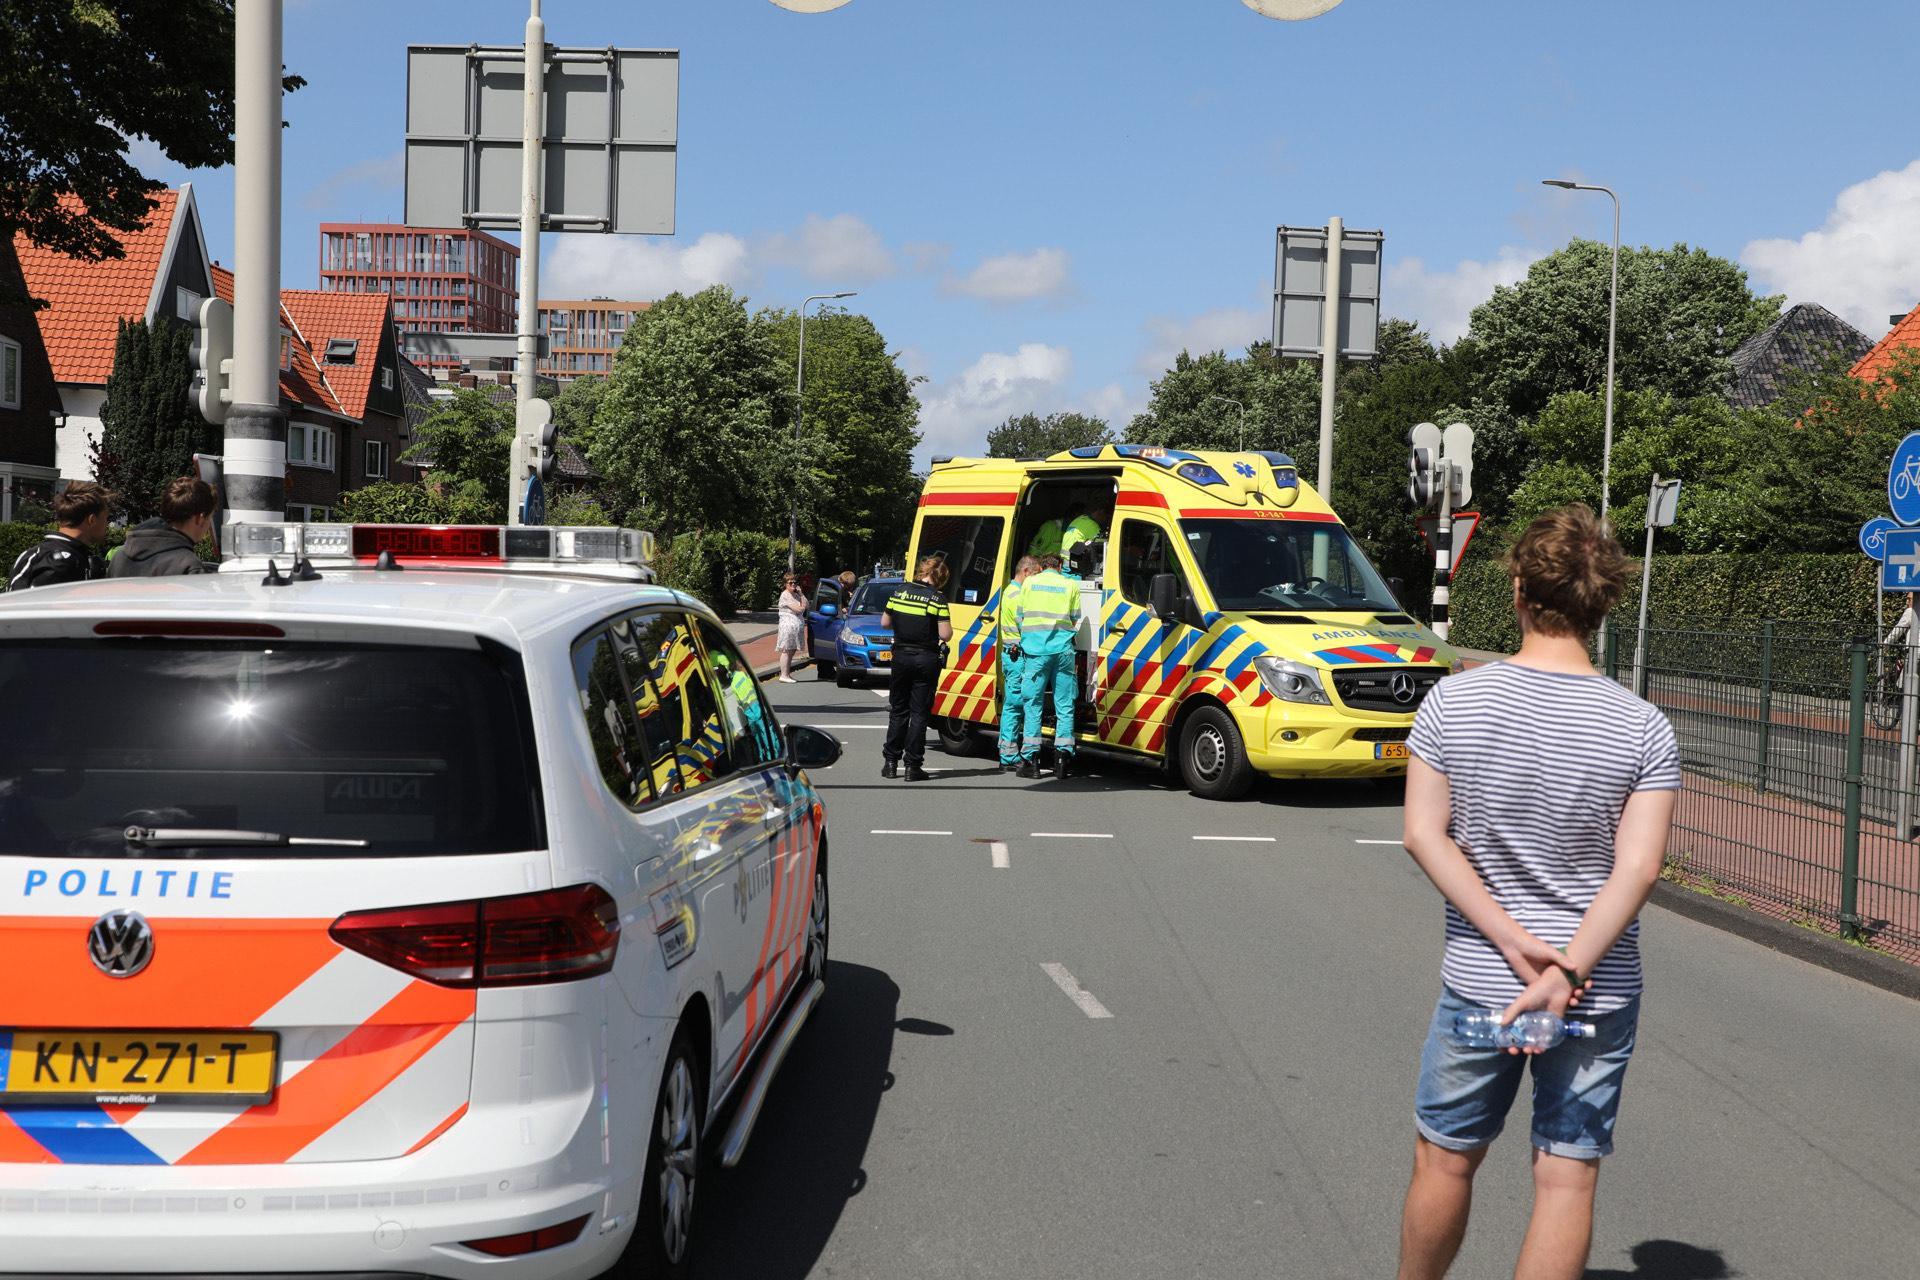 Vrouw gewond bij aanrijding in Heemstede